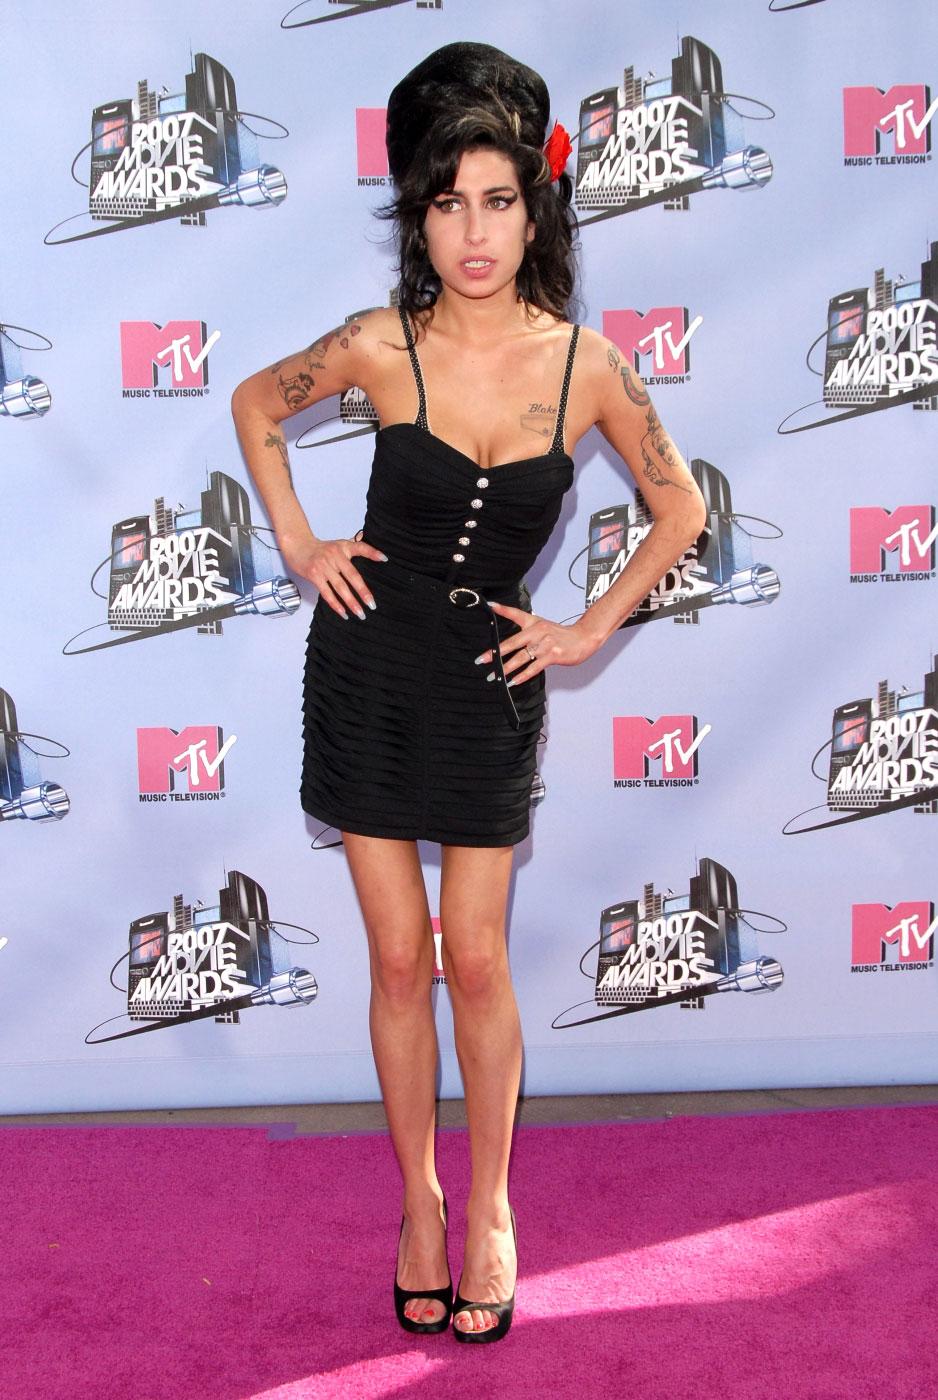 Amy Winehouse Frisur Zum Ausprobieren In Efrisuren